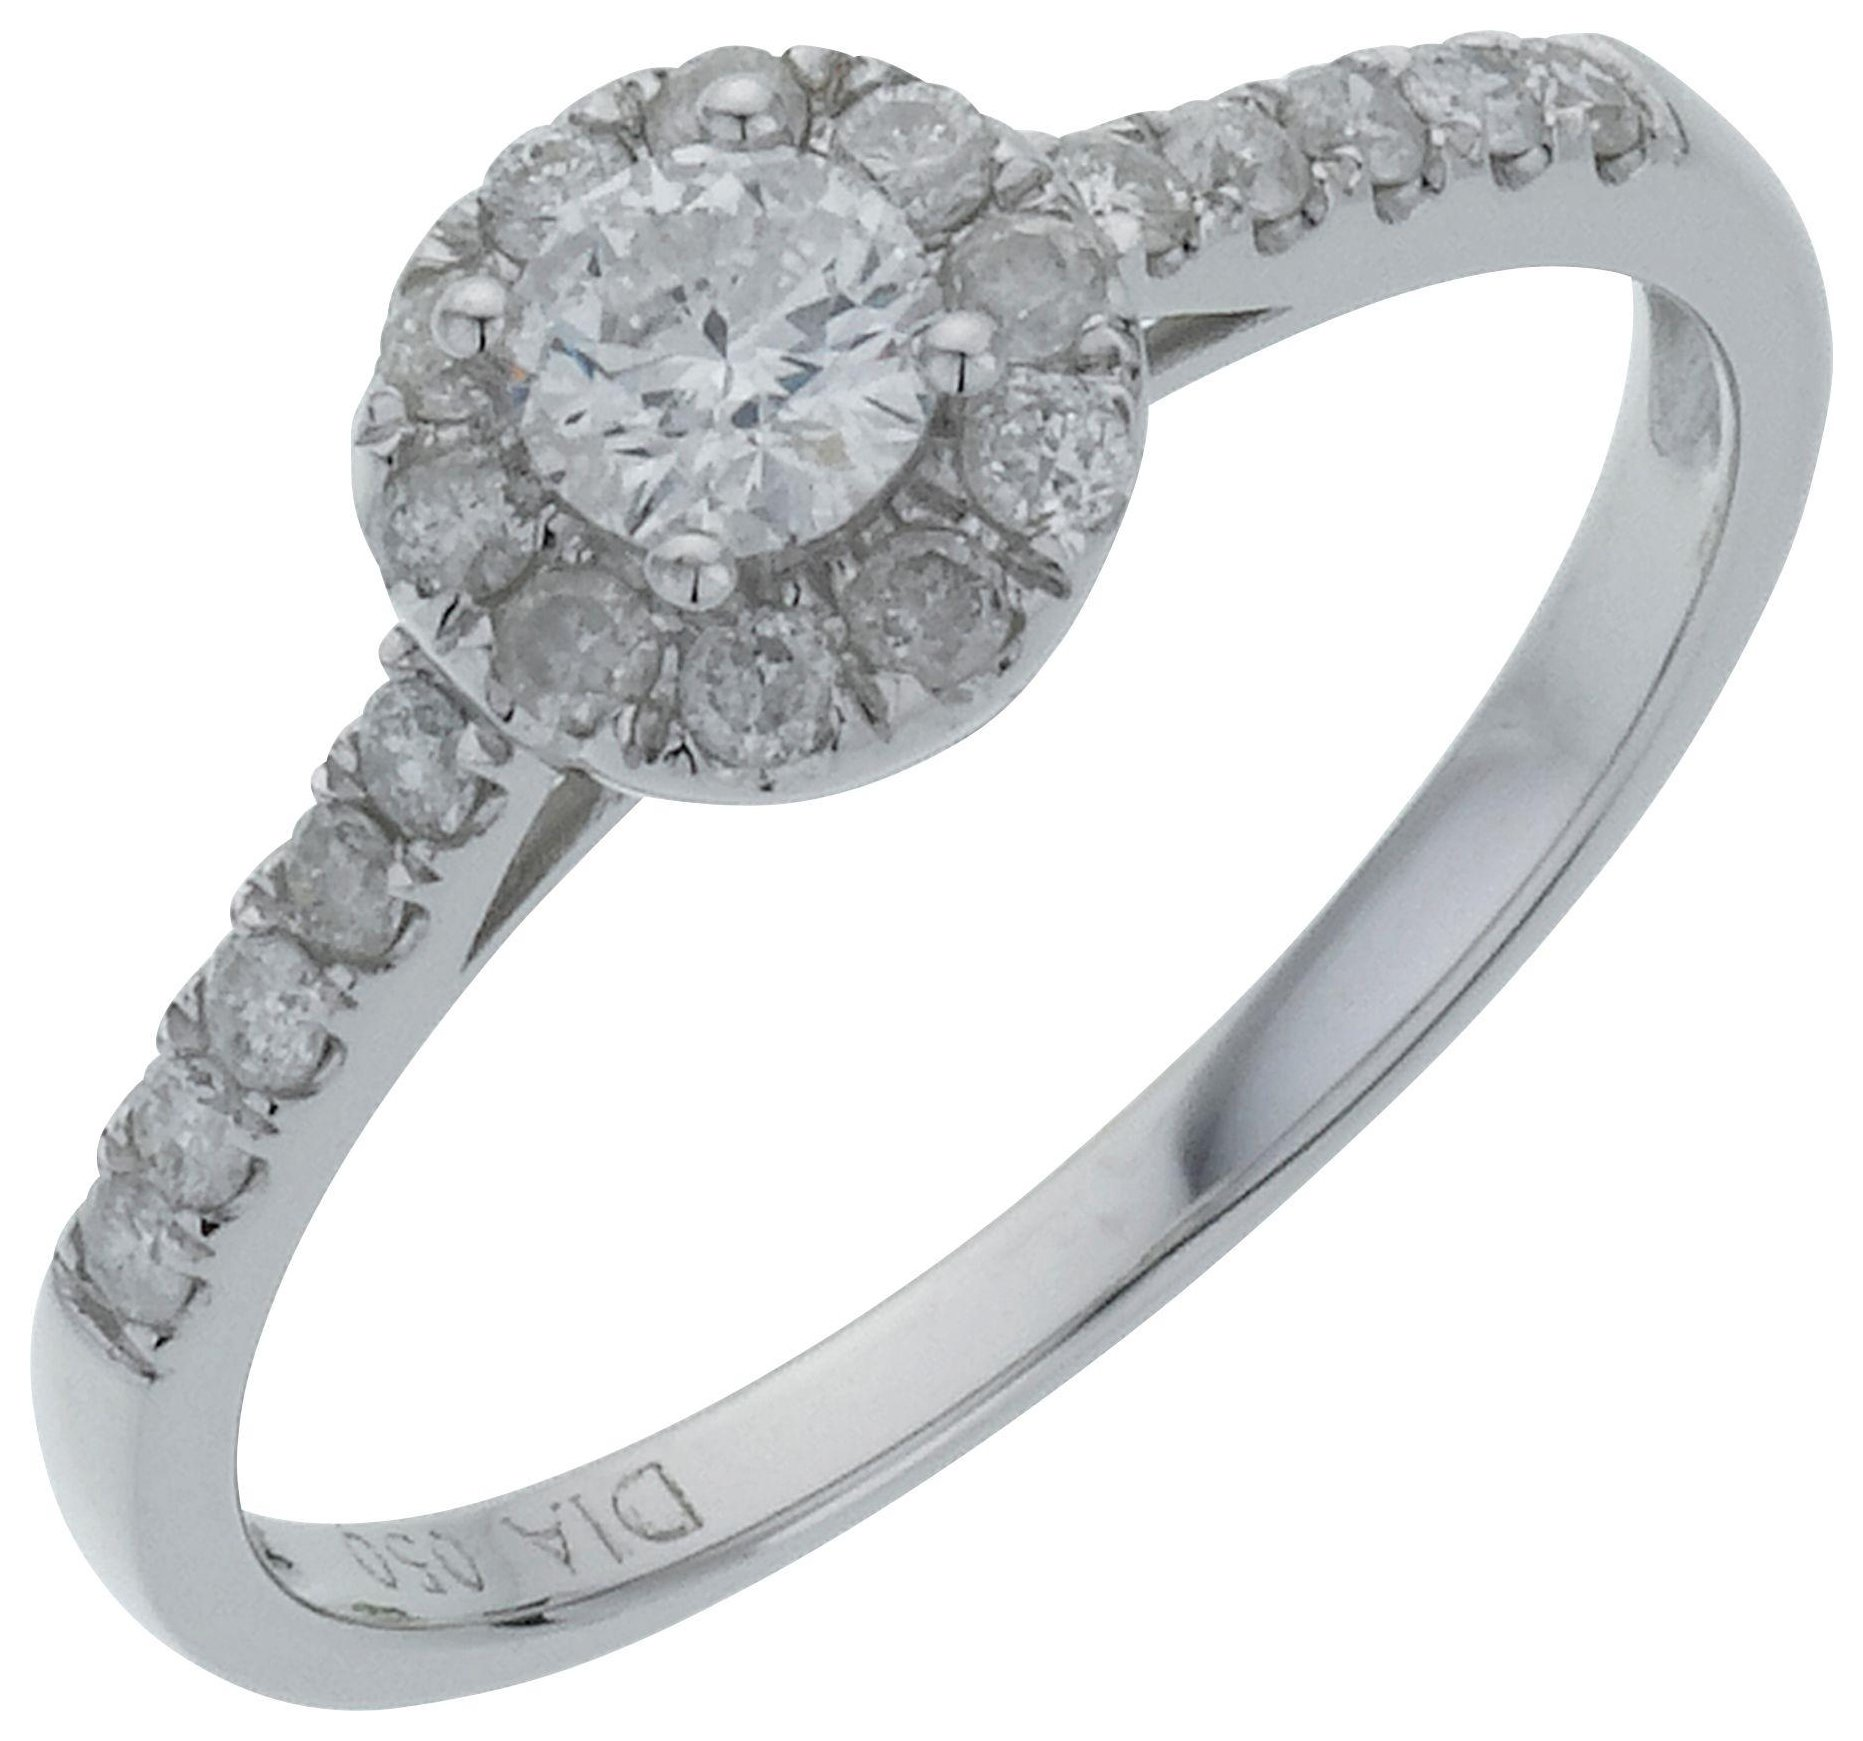 18 Carat White Gold Round Diamond - Halo Ring - Size W